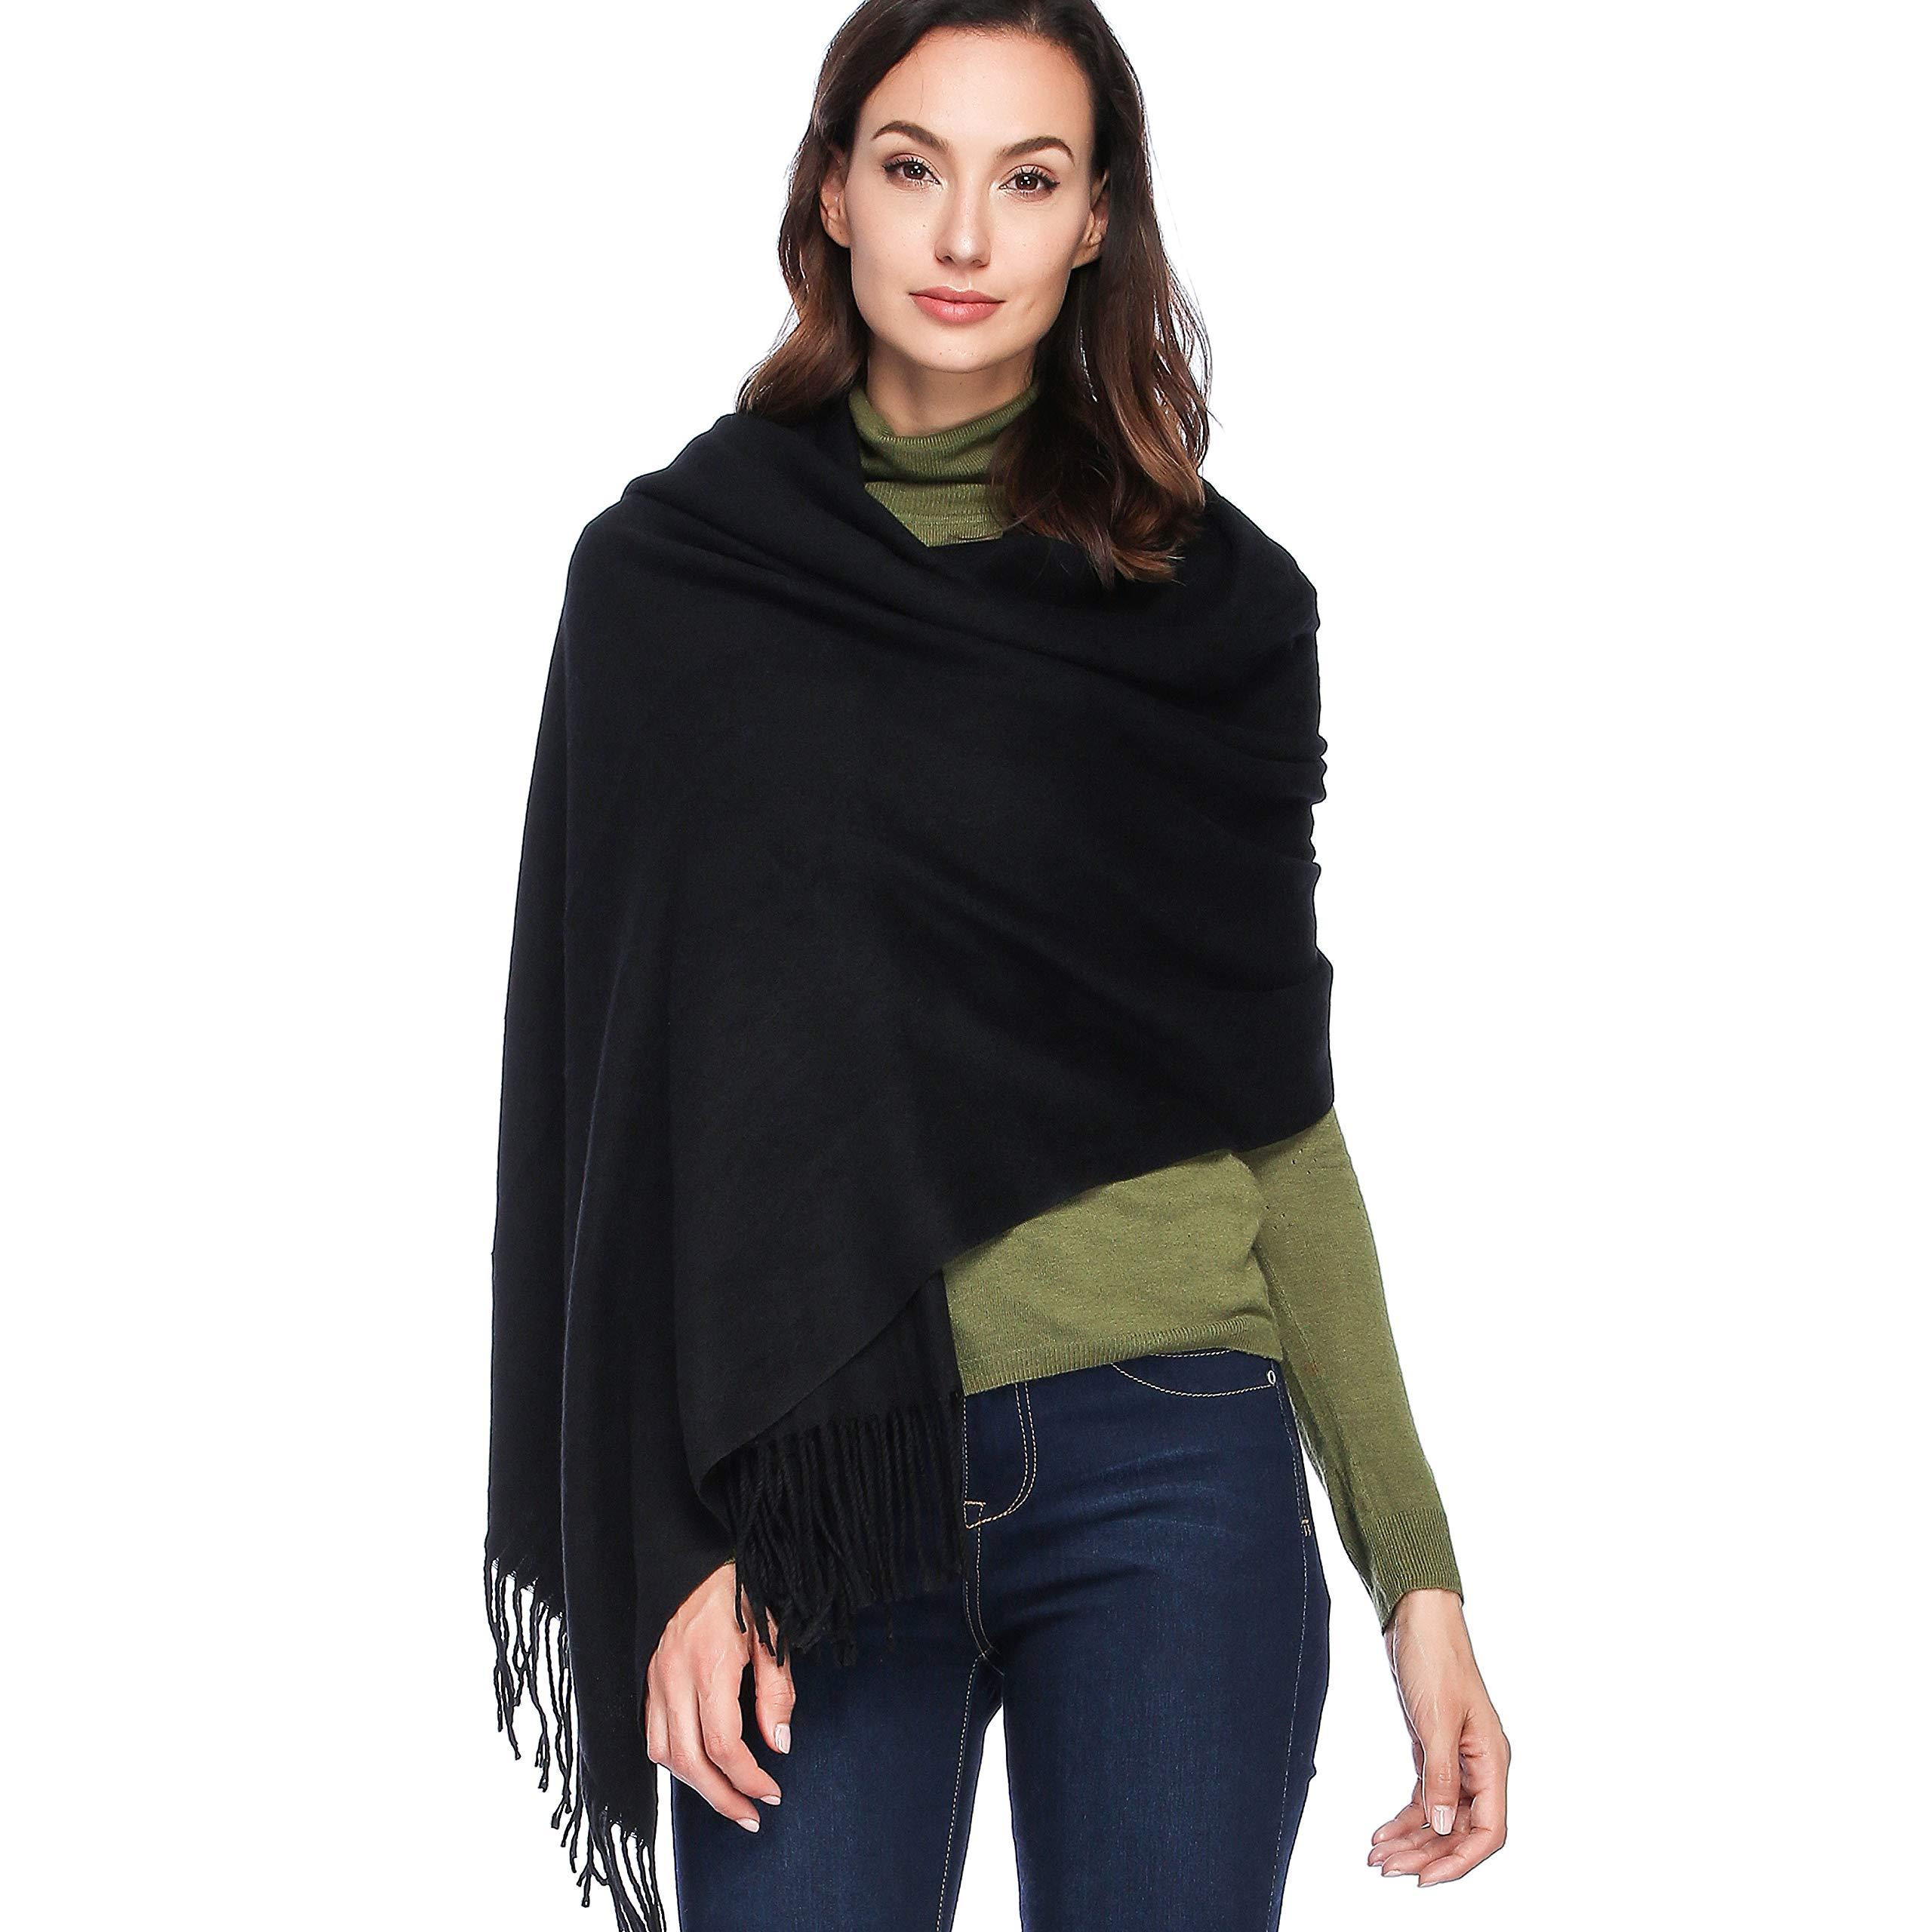 HOYAYO Cashmere Wool Shawl Wraps - Extra Large Thick Soft Pashmina Scarf(Black)